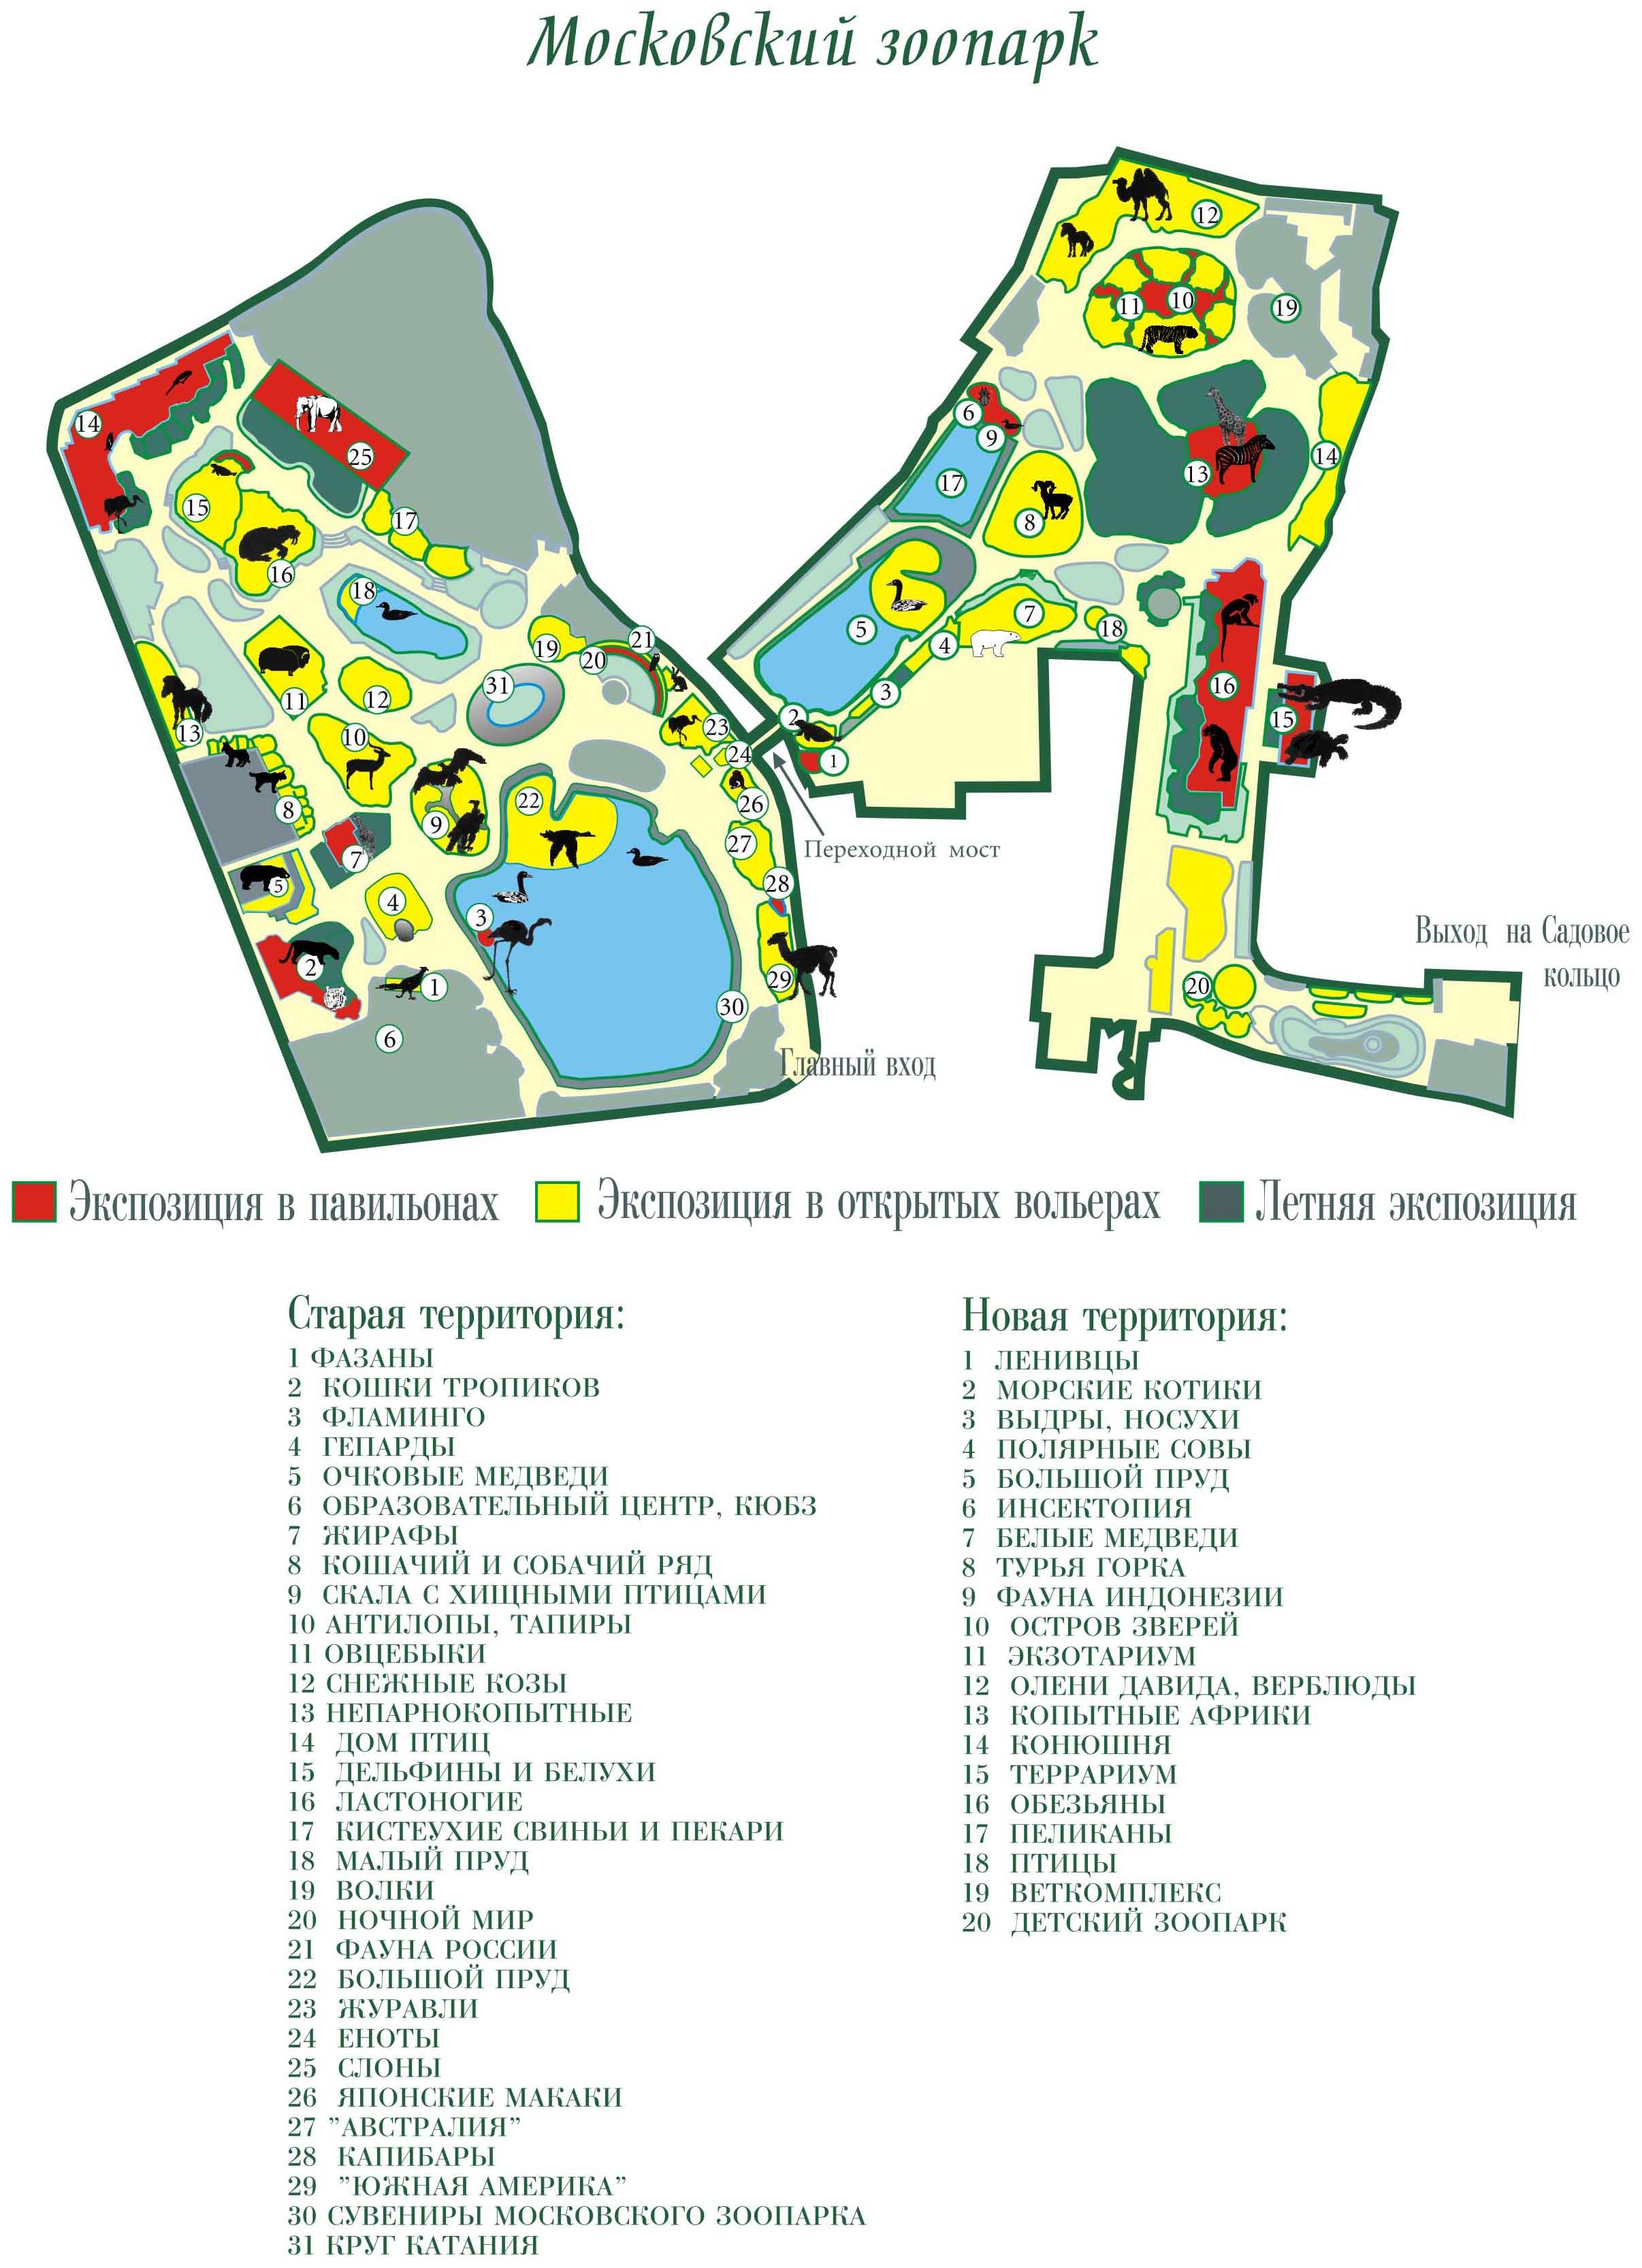 Карта Московского зоопарка